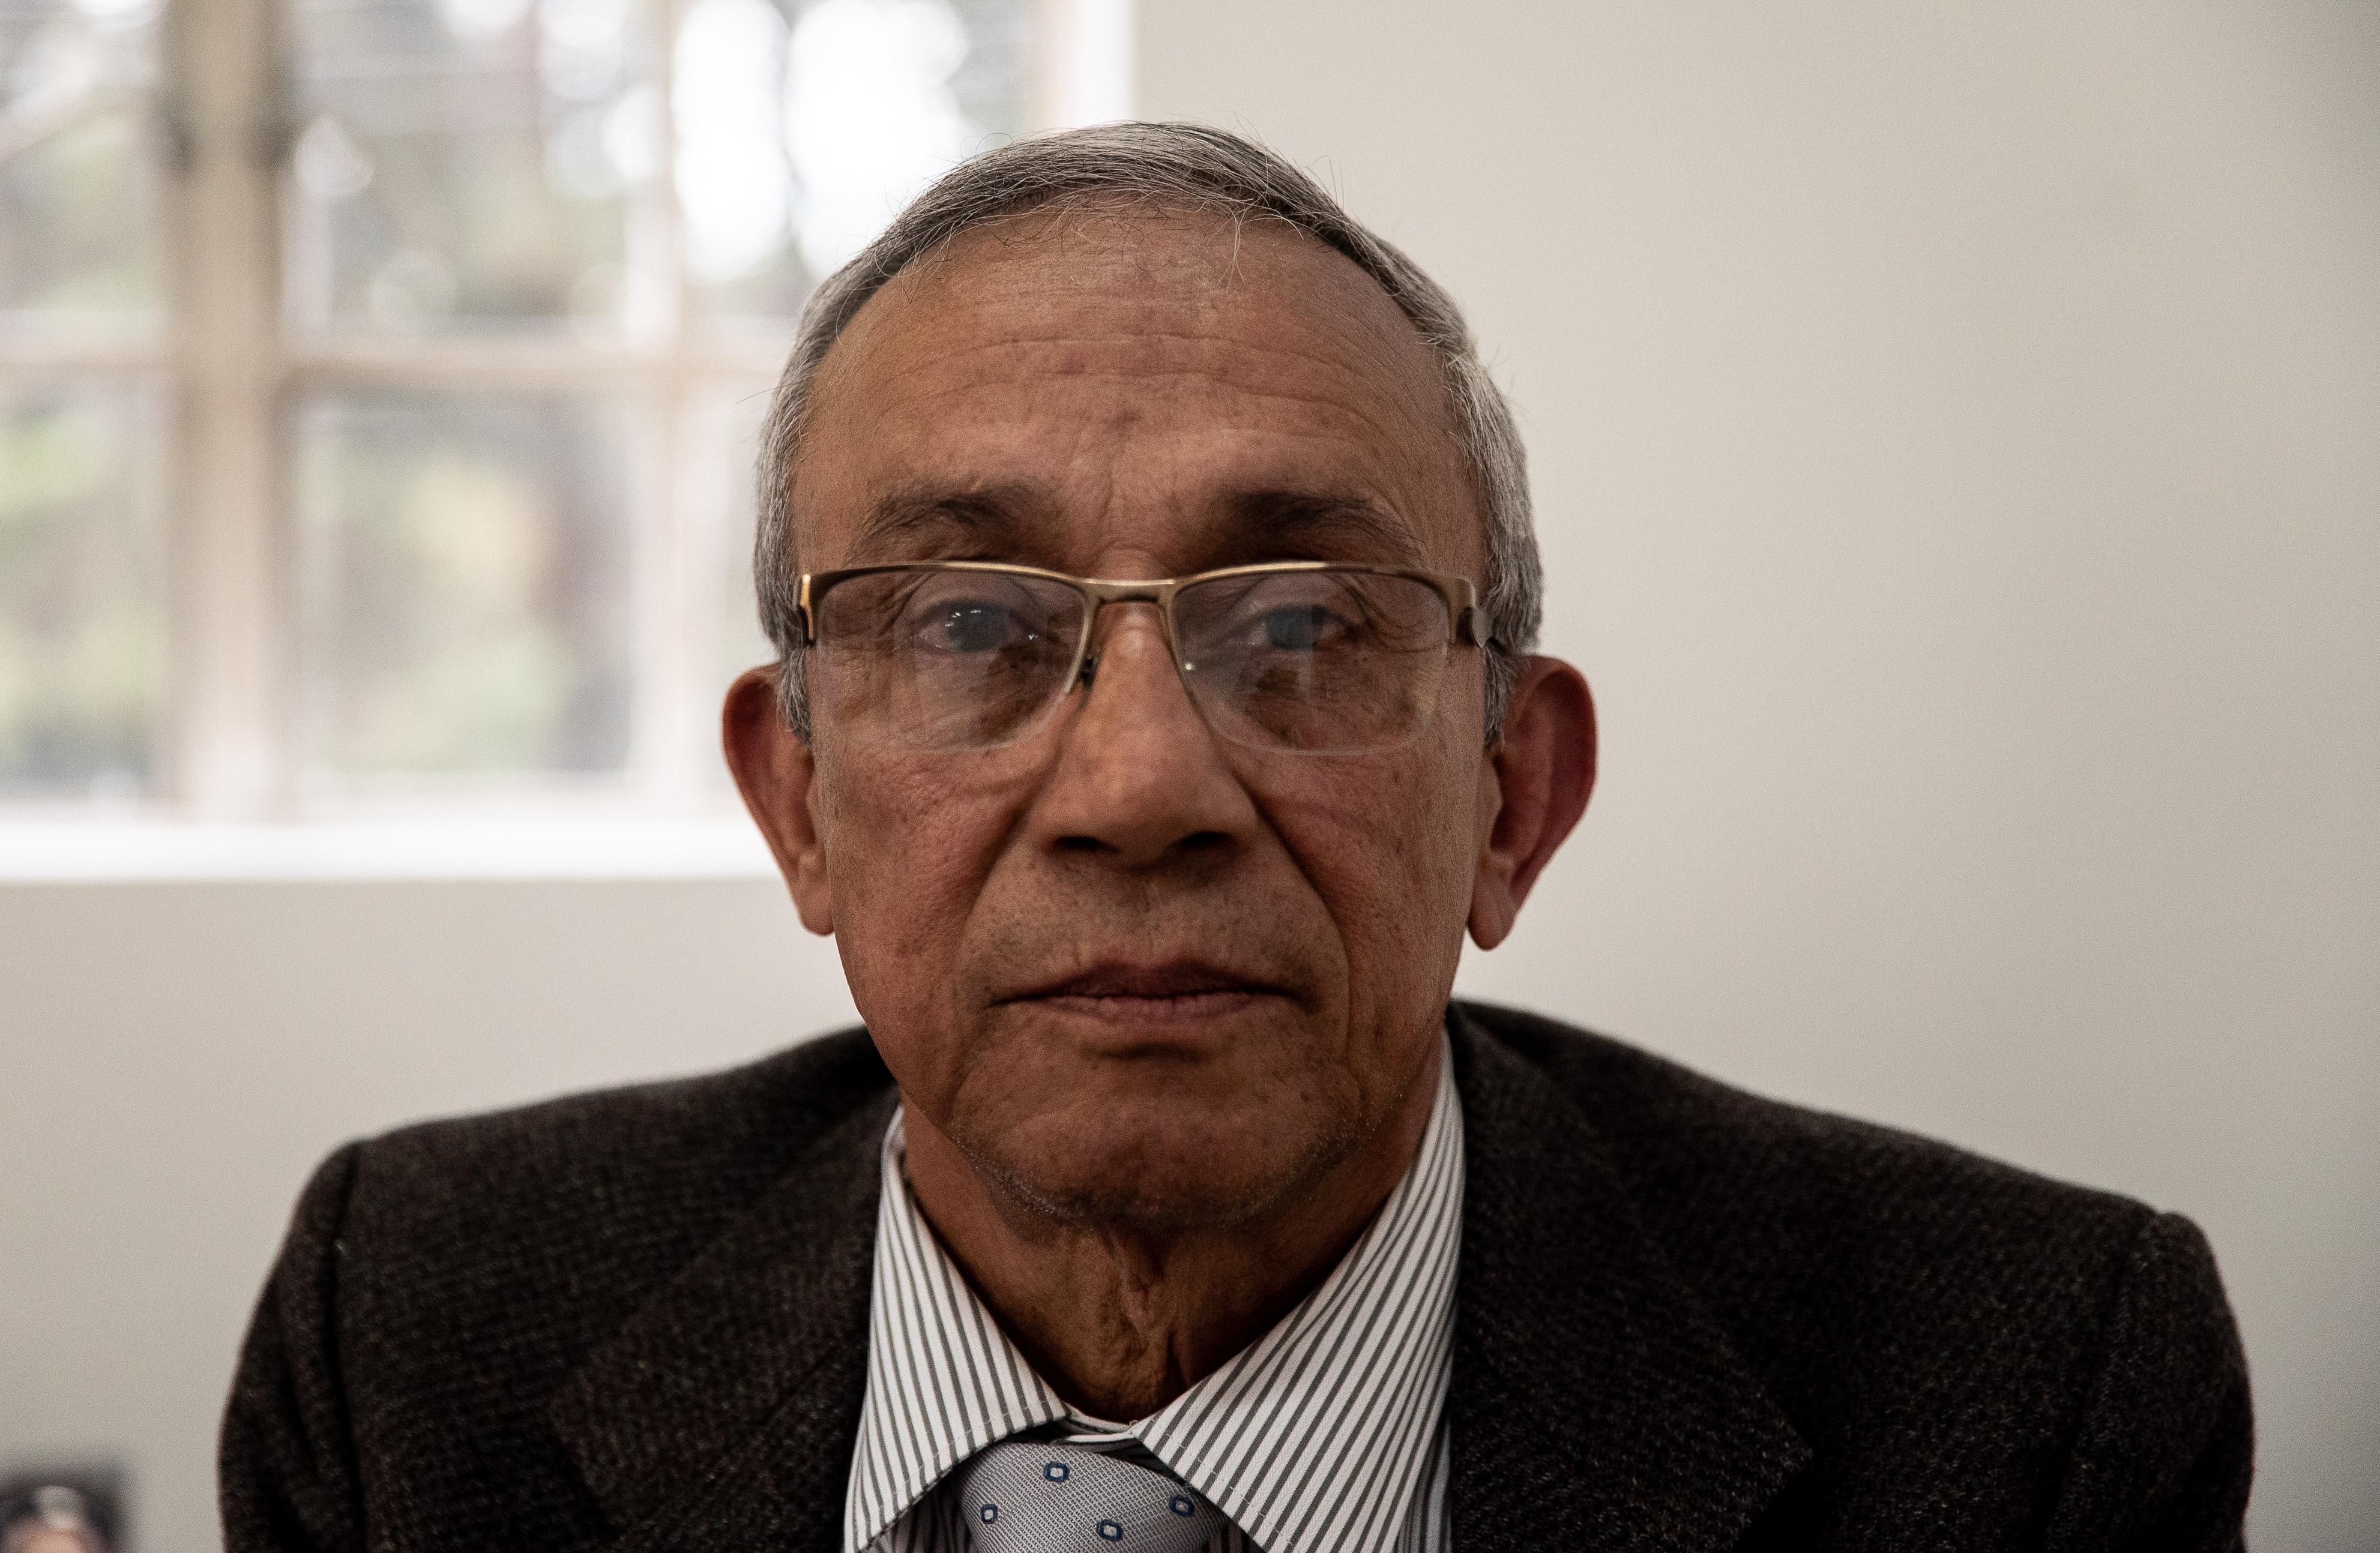 'Lo que diga el Centro de Memoria de aquí en adelante siempre será controversial': Darío Acevedo